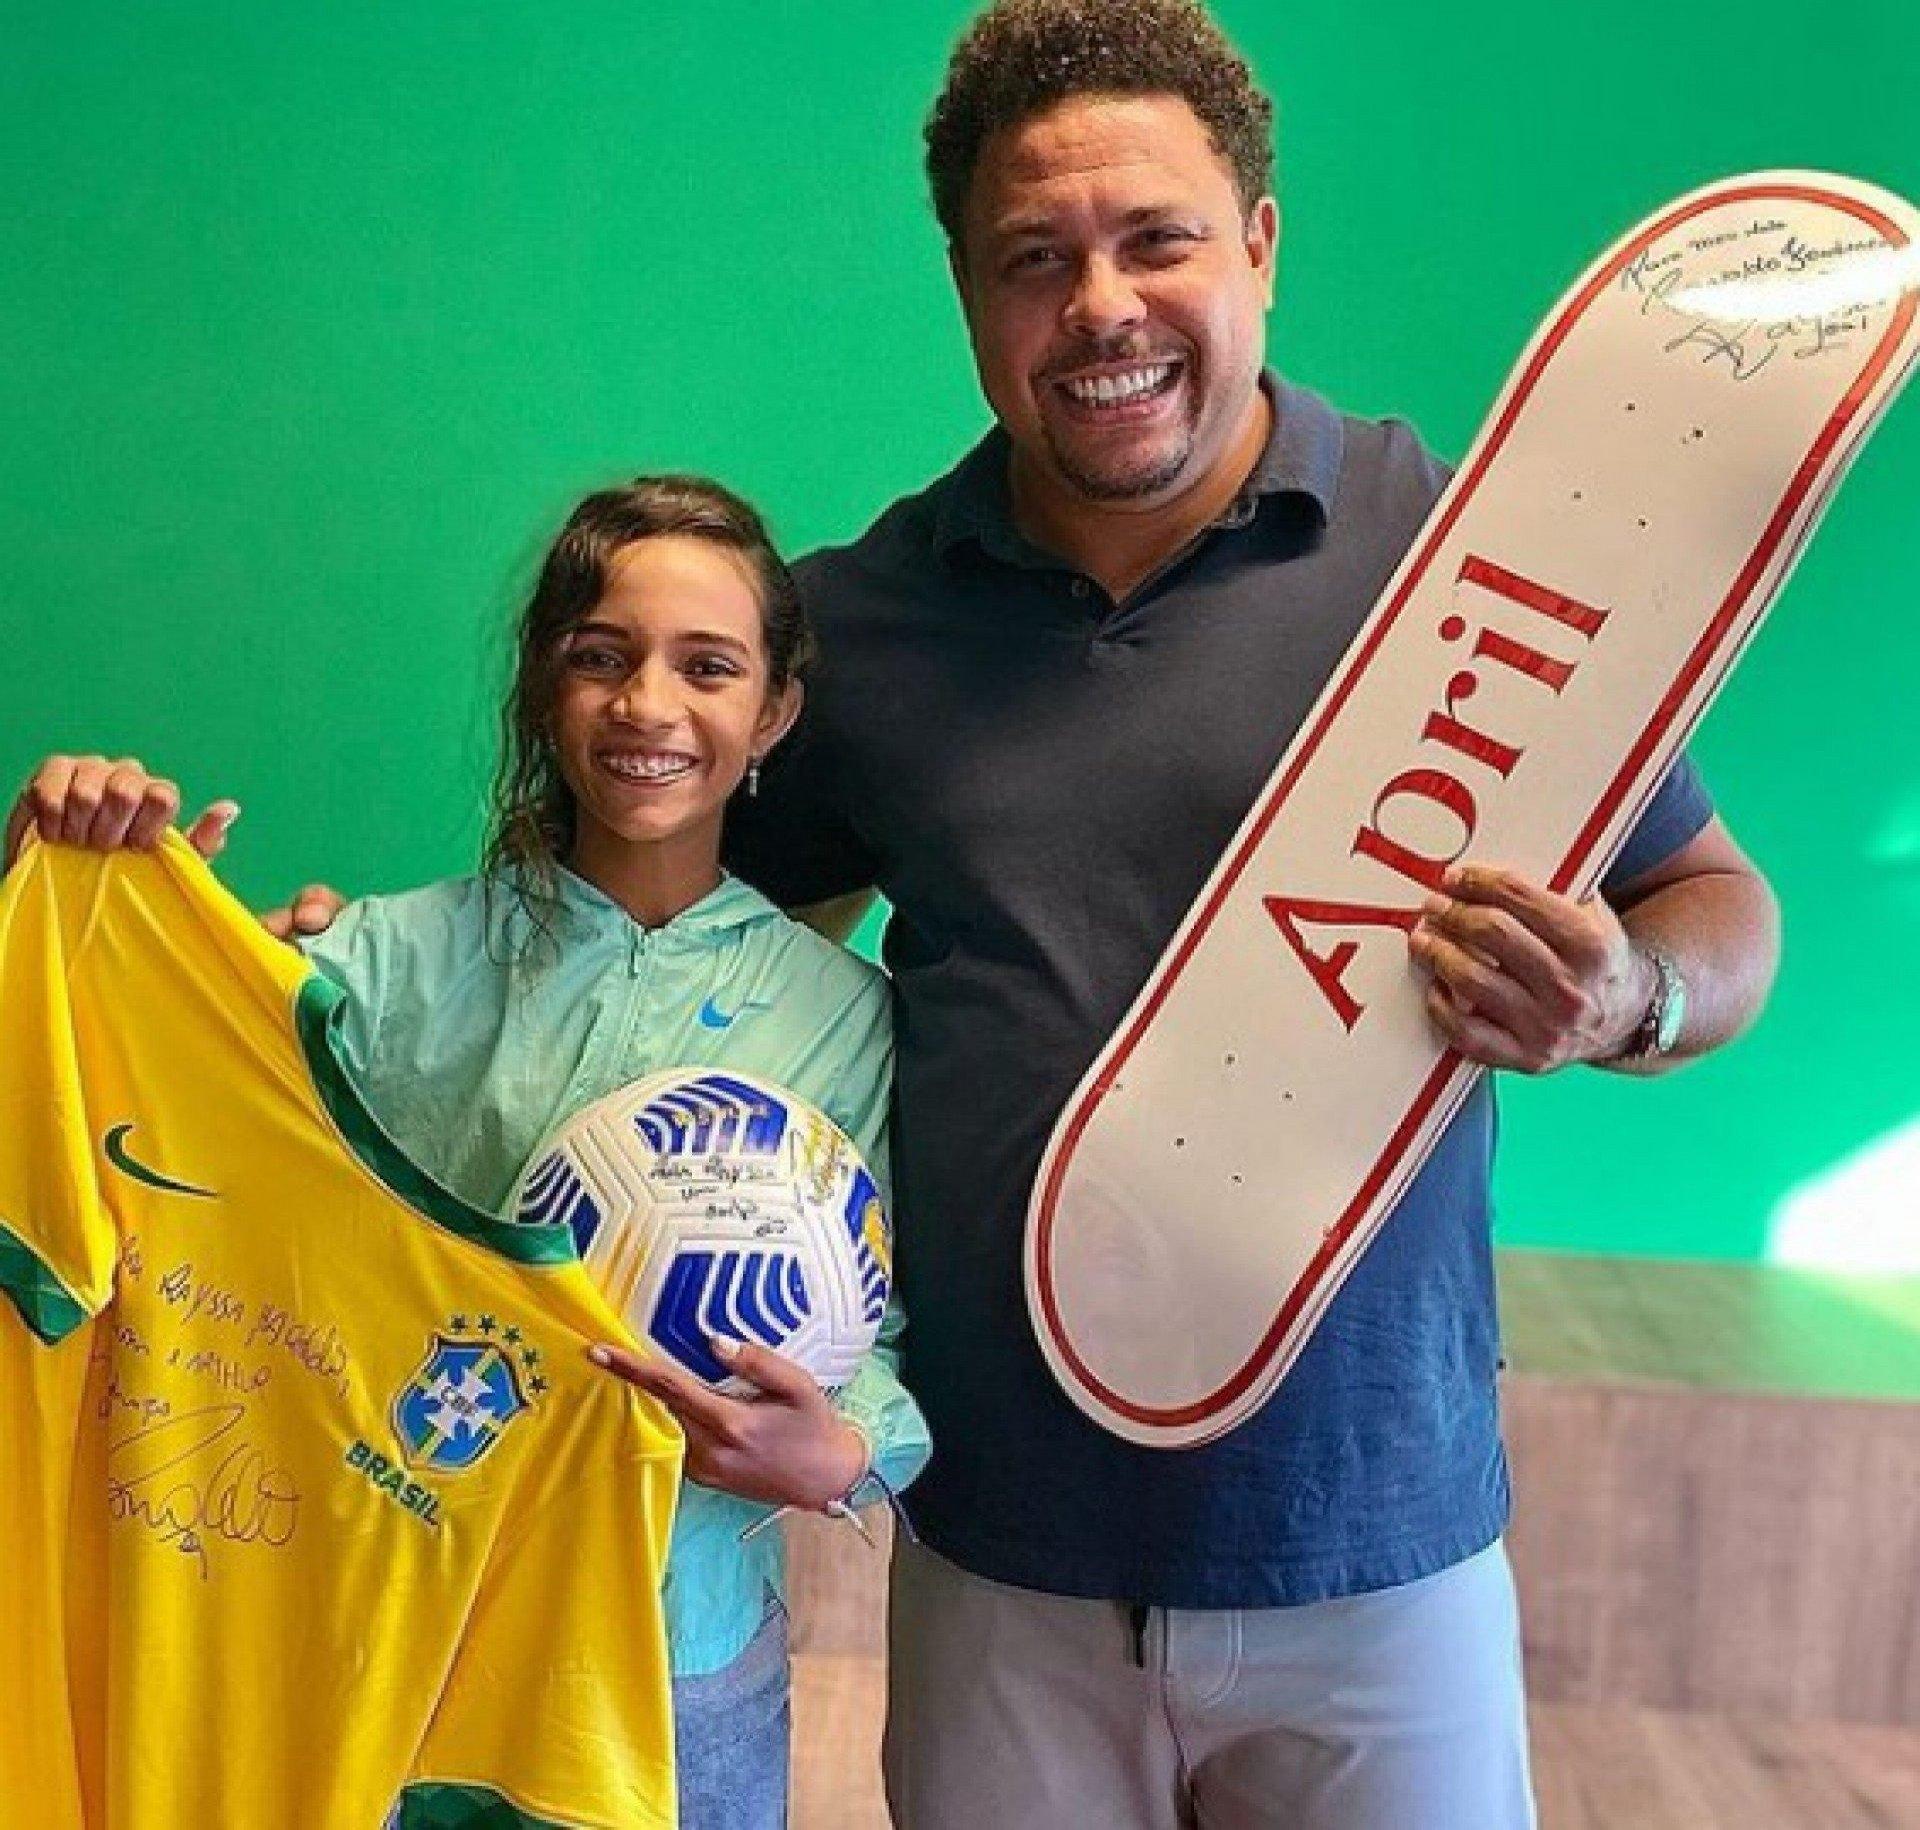 Ronaldo e Rayssa Leal se encontram em São Paulo: 'Fenômeno de talento e simpatia'